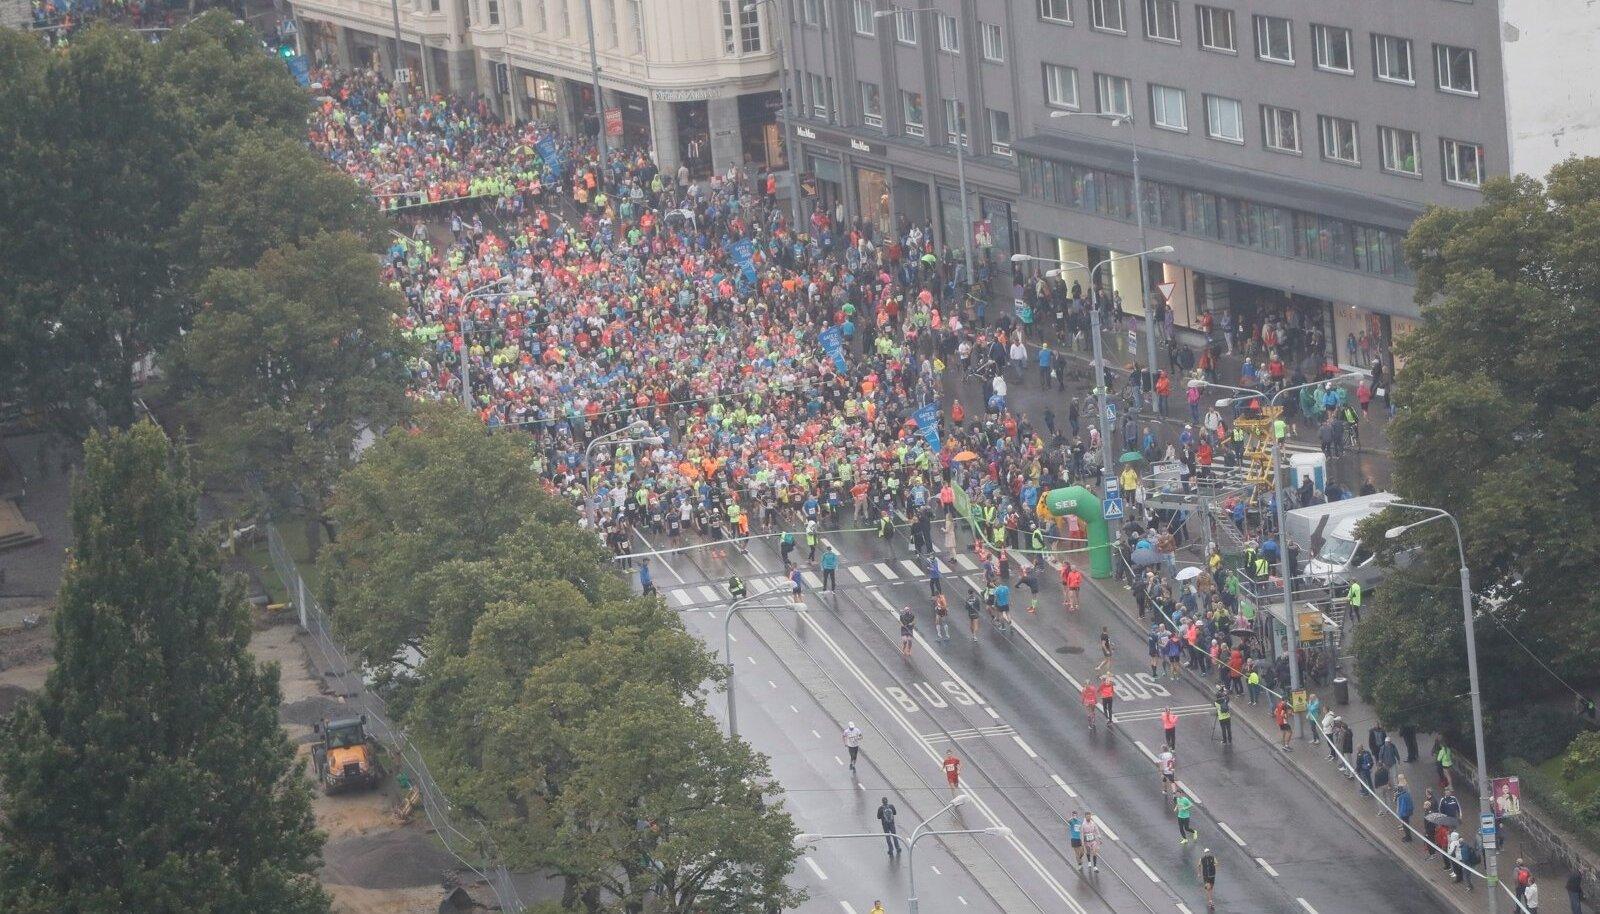 SEB Tallinna Maraton 10 km jooksul osalejad vahetult enne starti